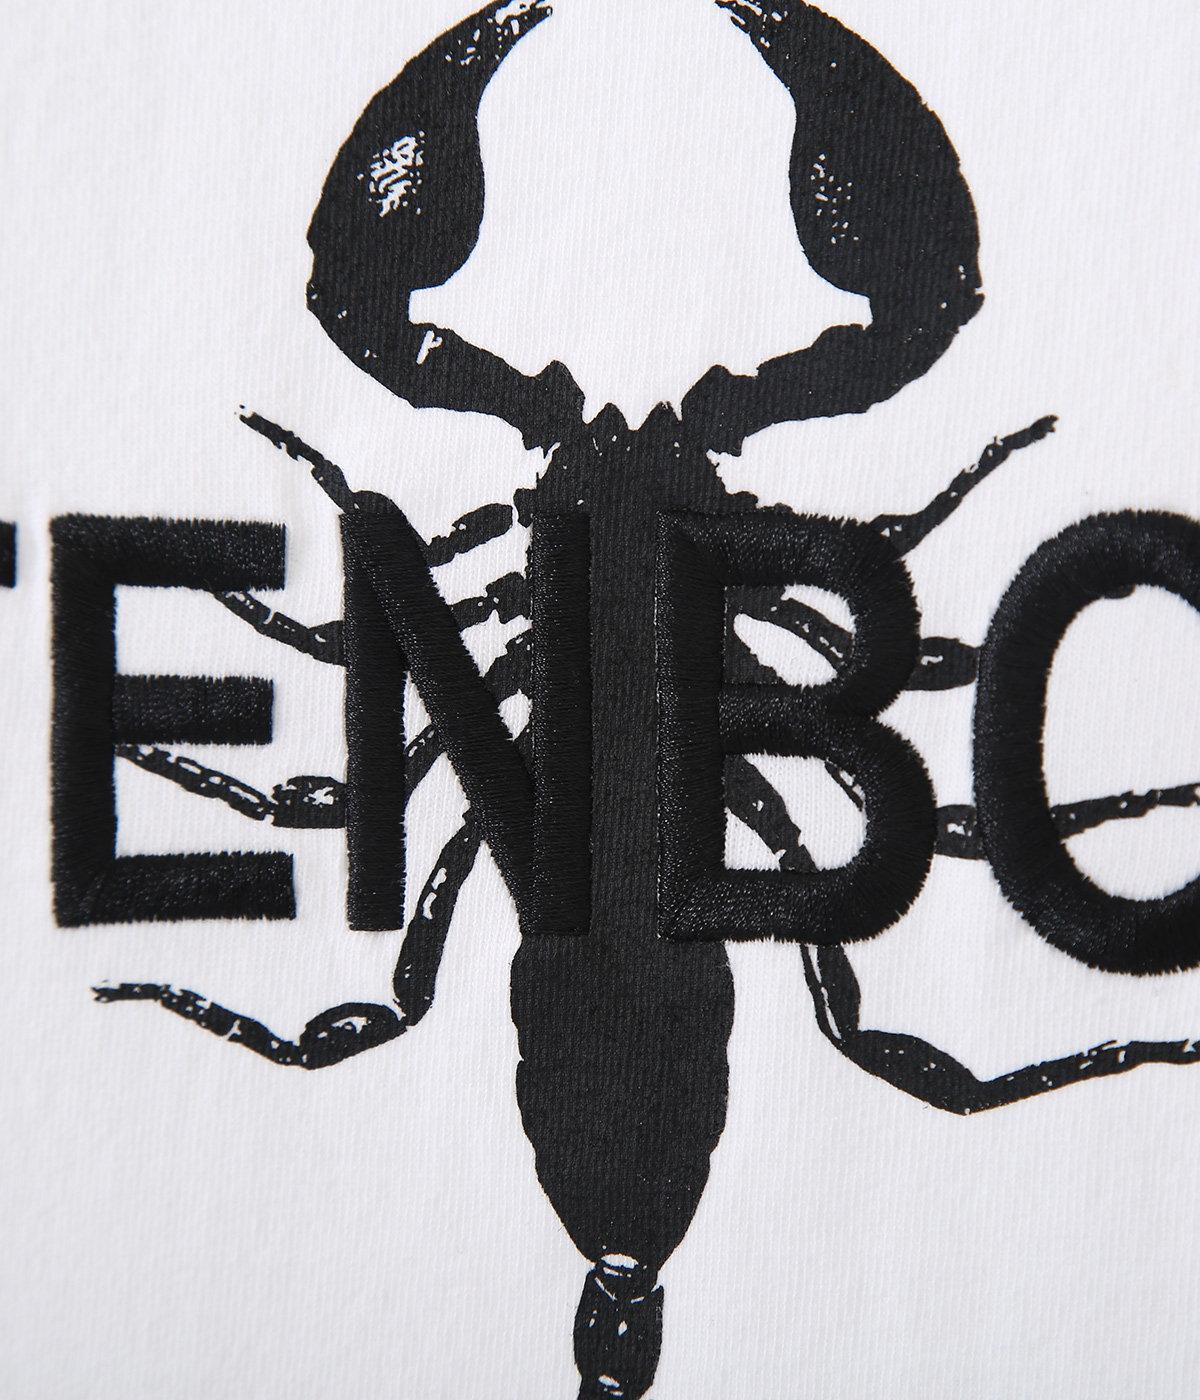 Tony scorpion Tee